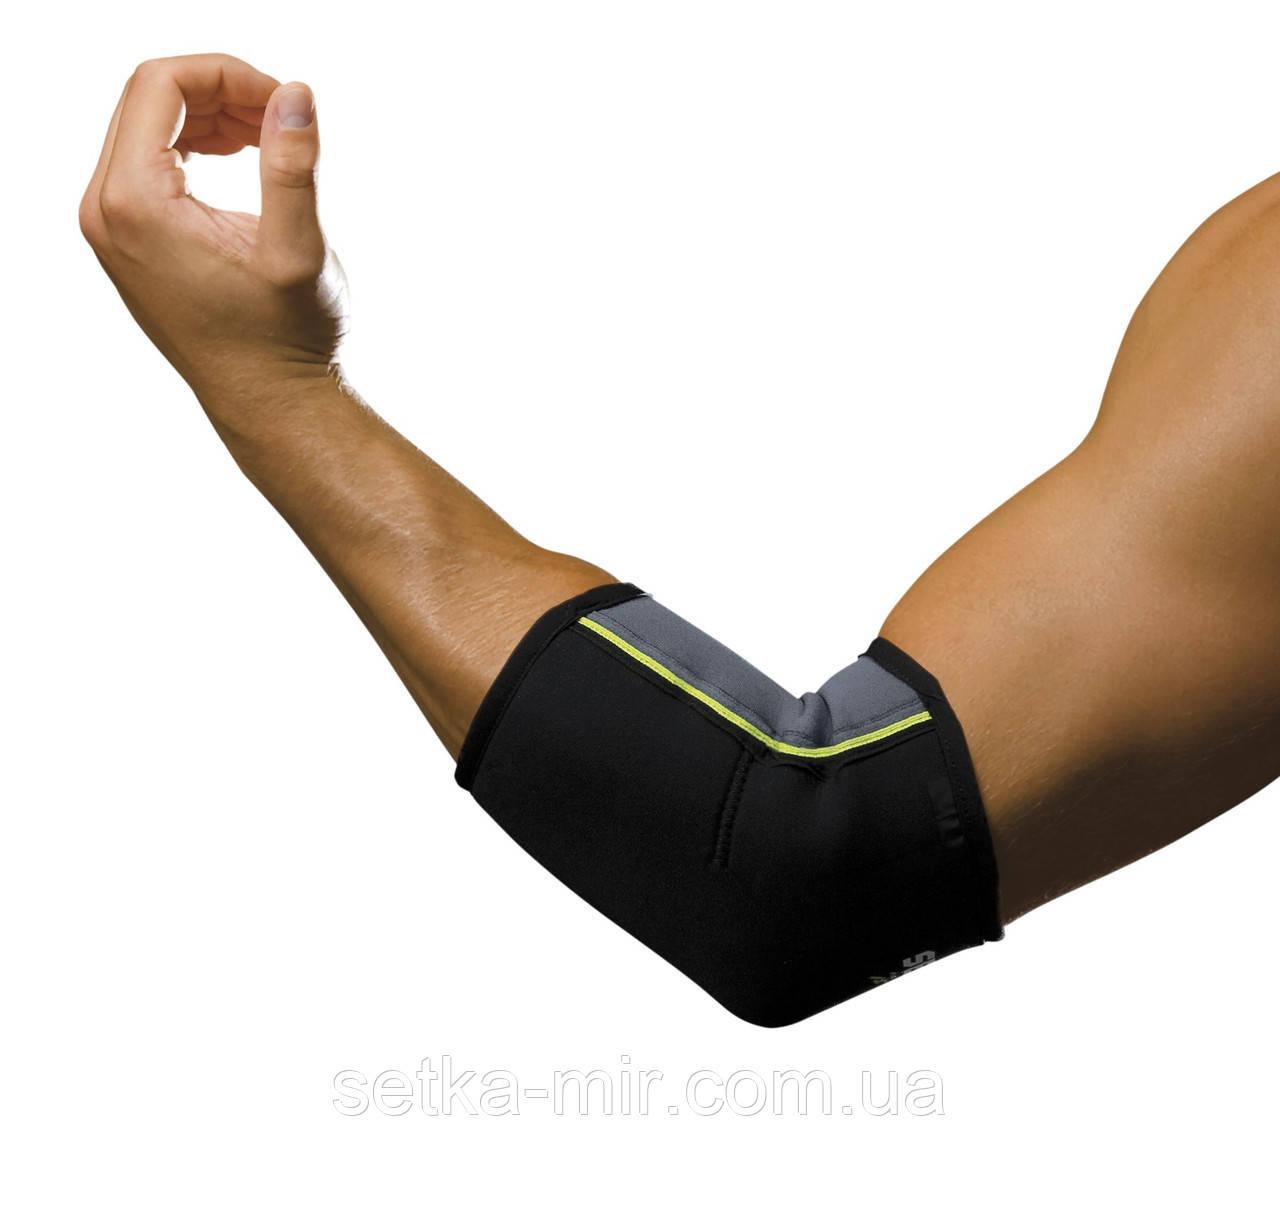 Налокотник SELECT Elbow support 6600 размер M